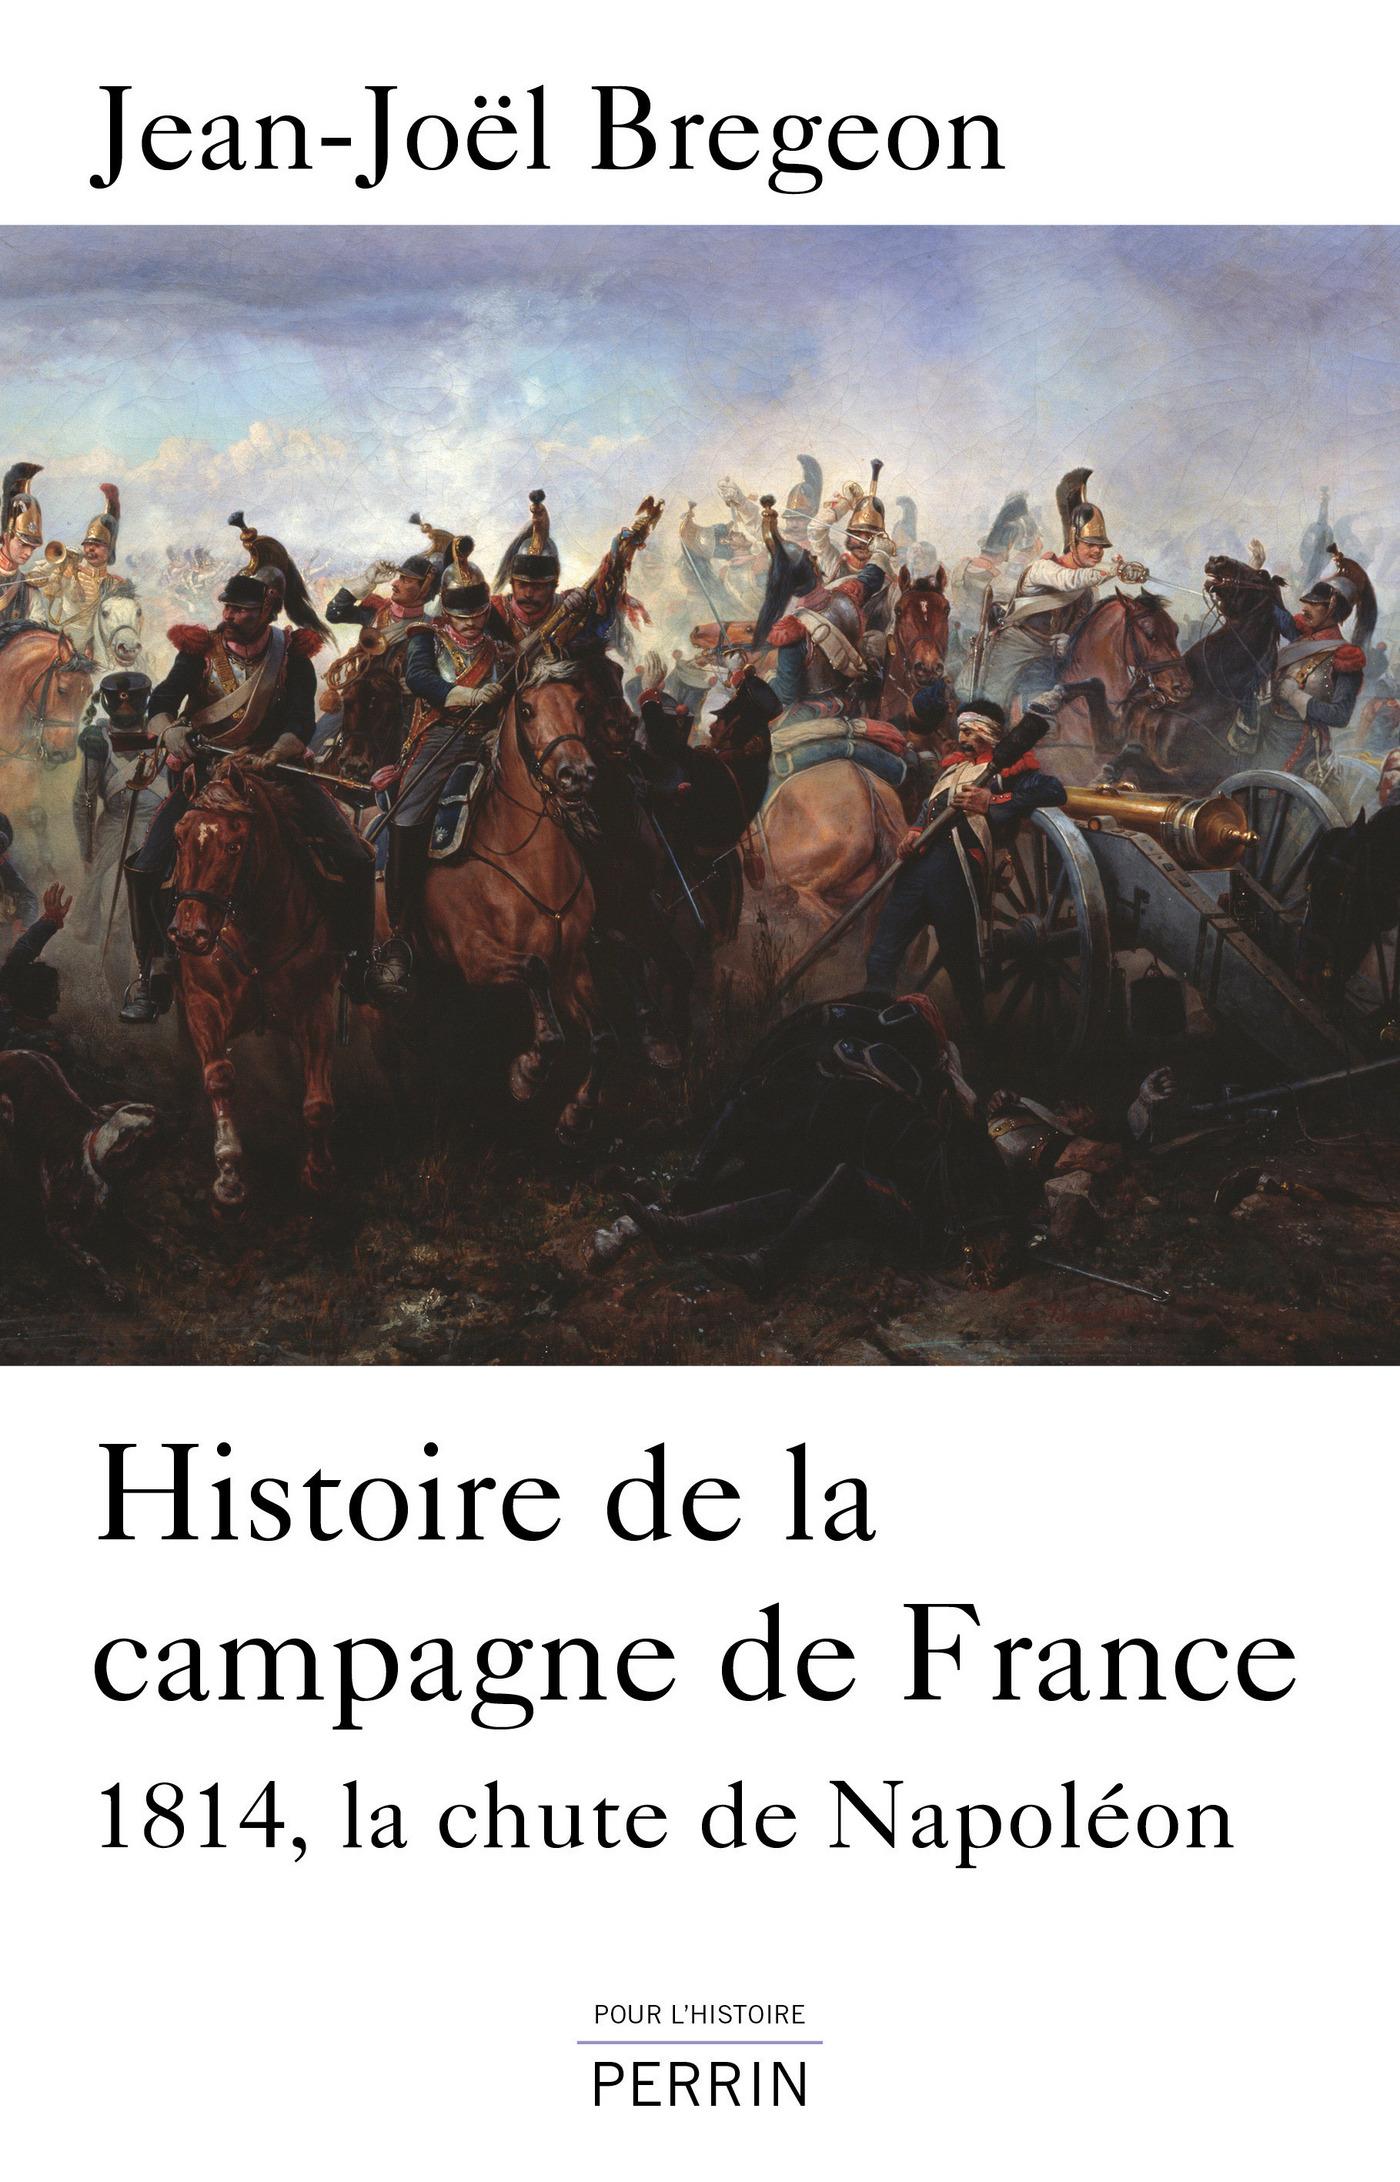 Histoire de la campagne de France (ebook)